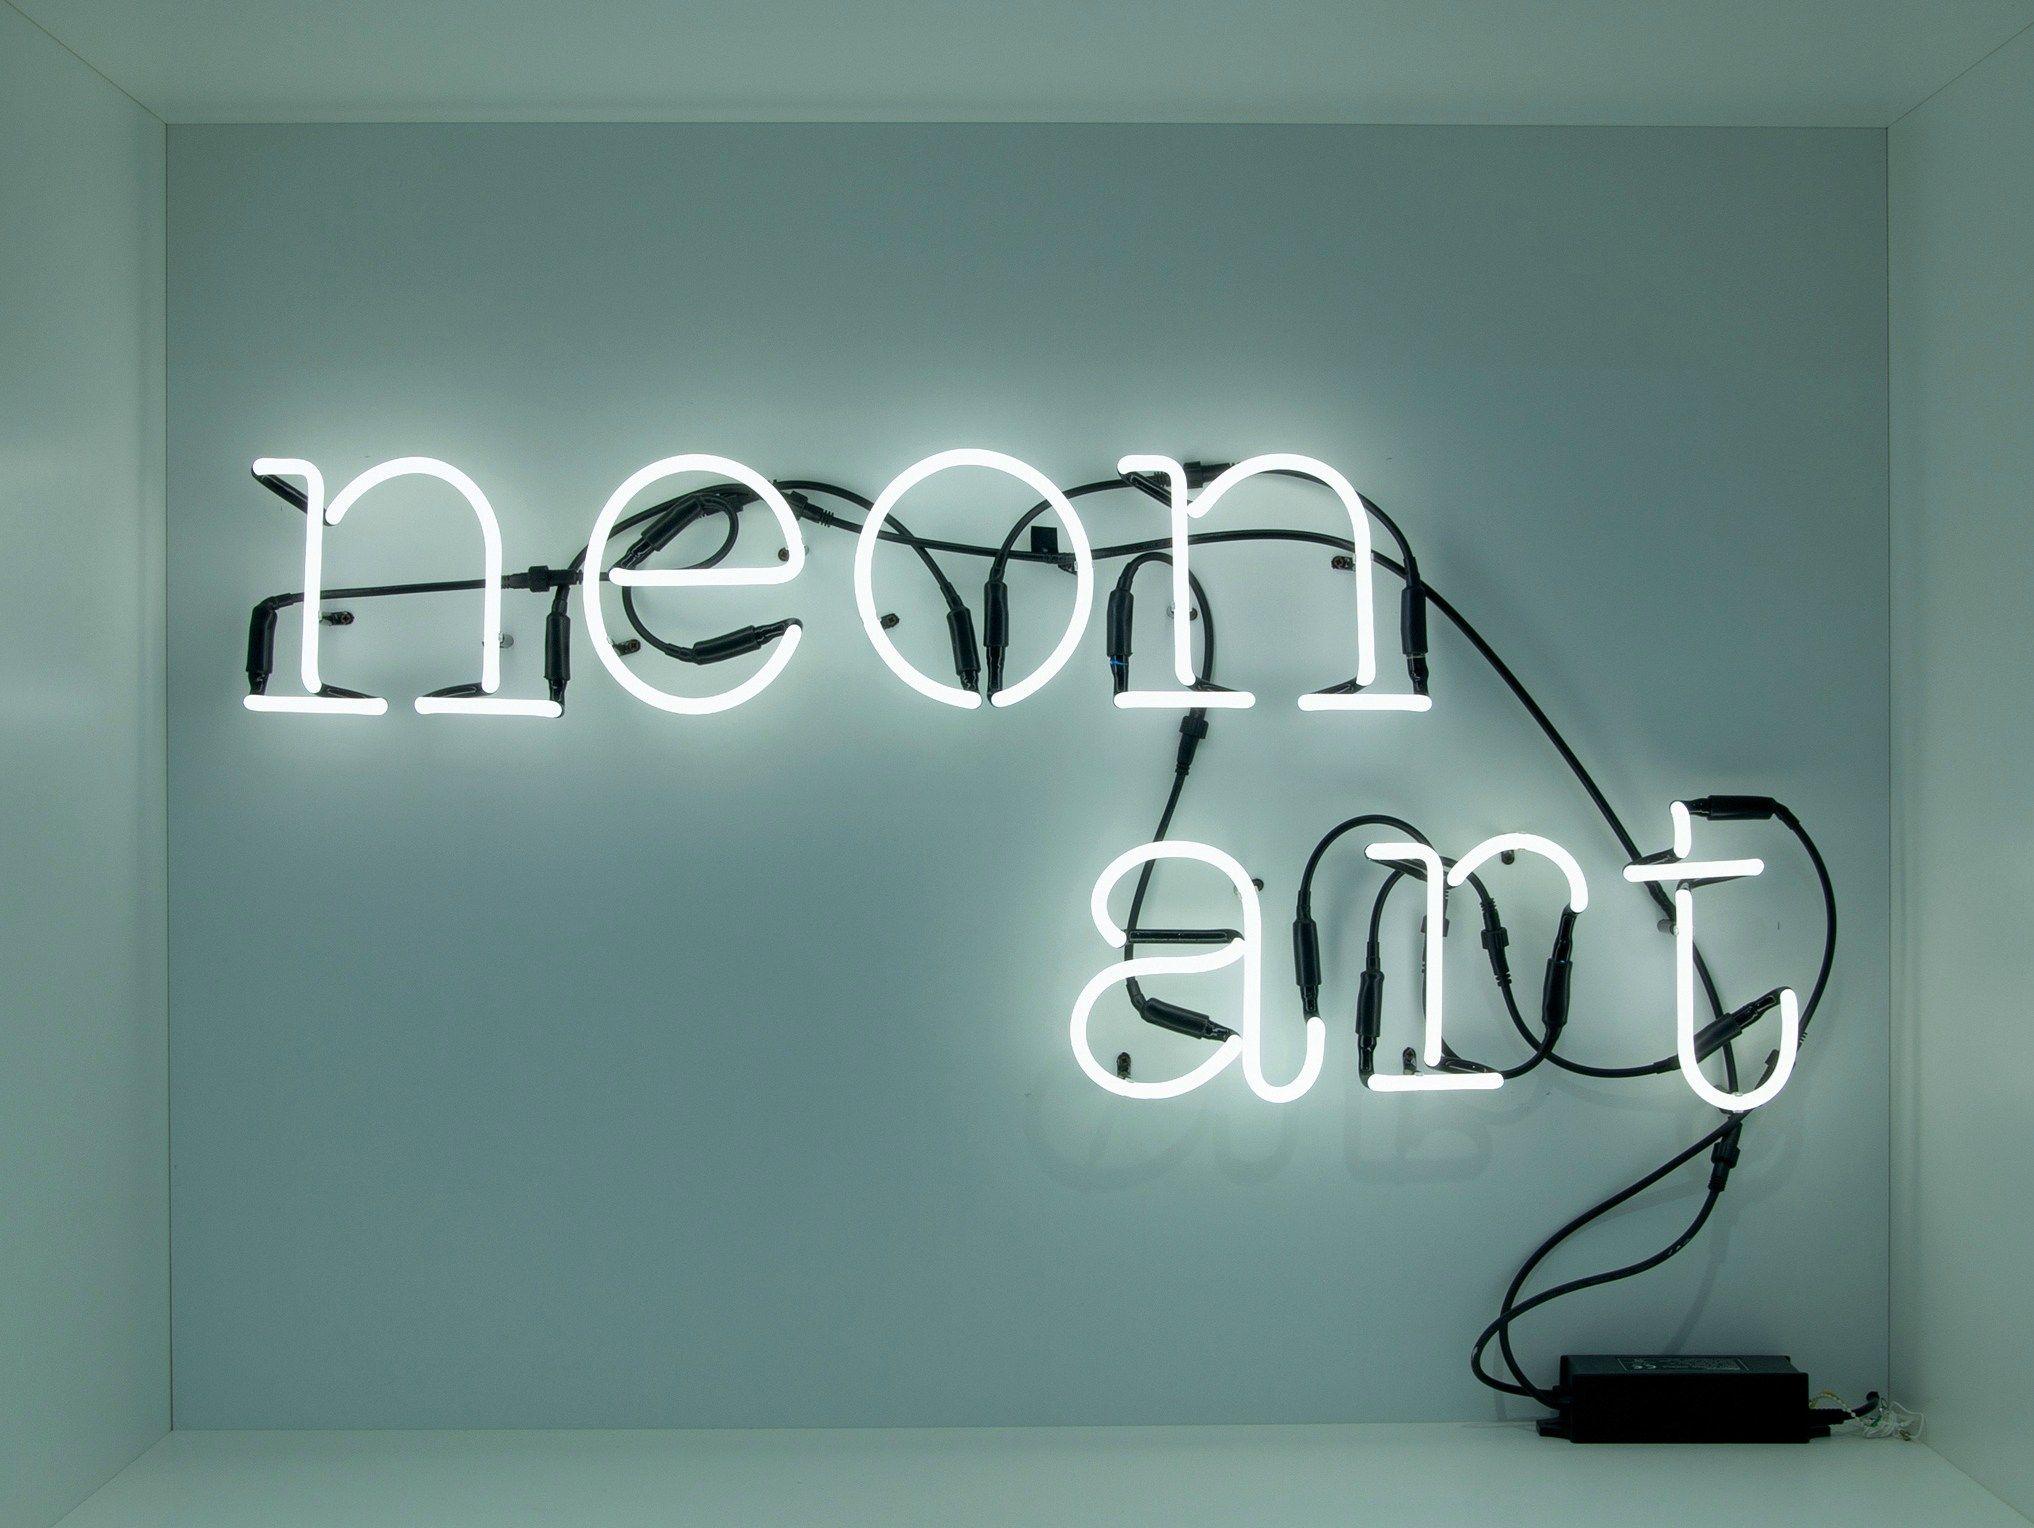 Plafoniere Al Neon Da Parete : Lettera luminosa da parete neon art by seletti design selab